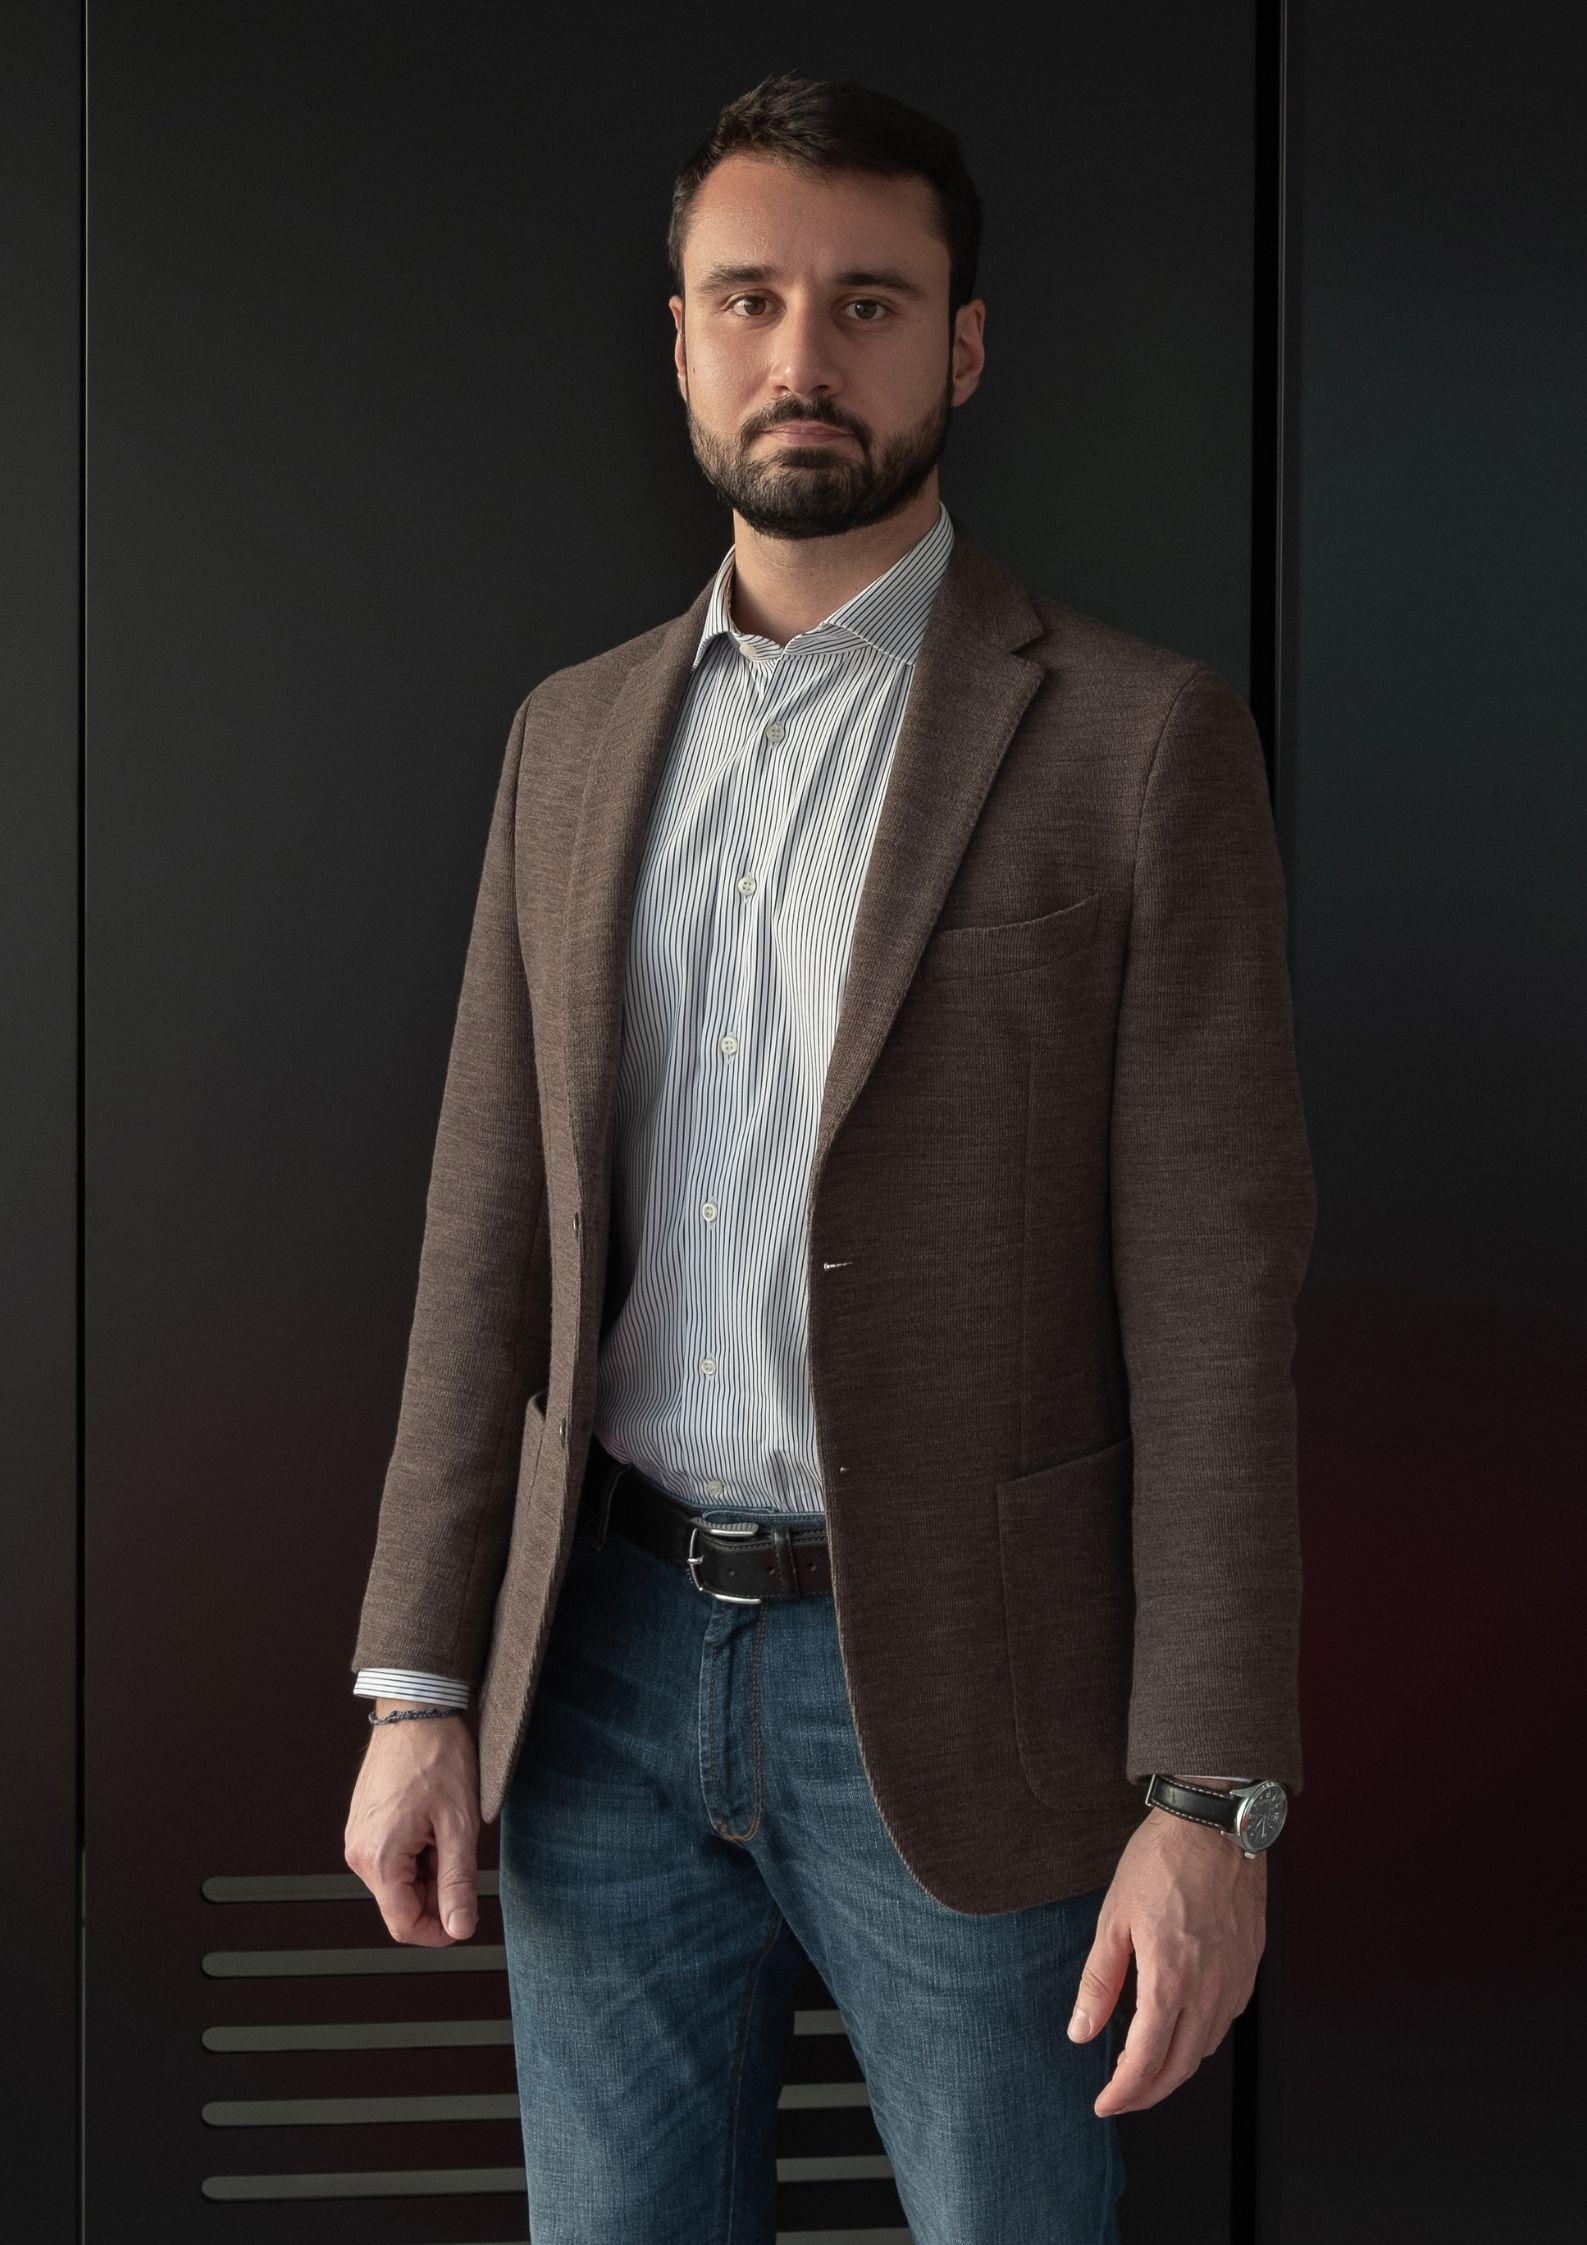 E-Sports - Cosmico scommette sul talento e diventa Sponsor unico del Vesta Calcio